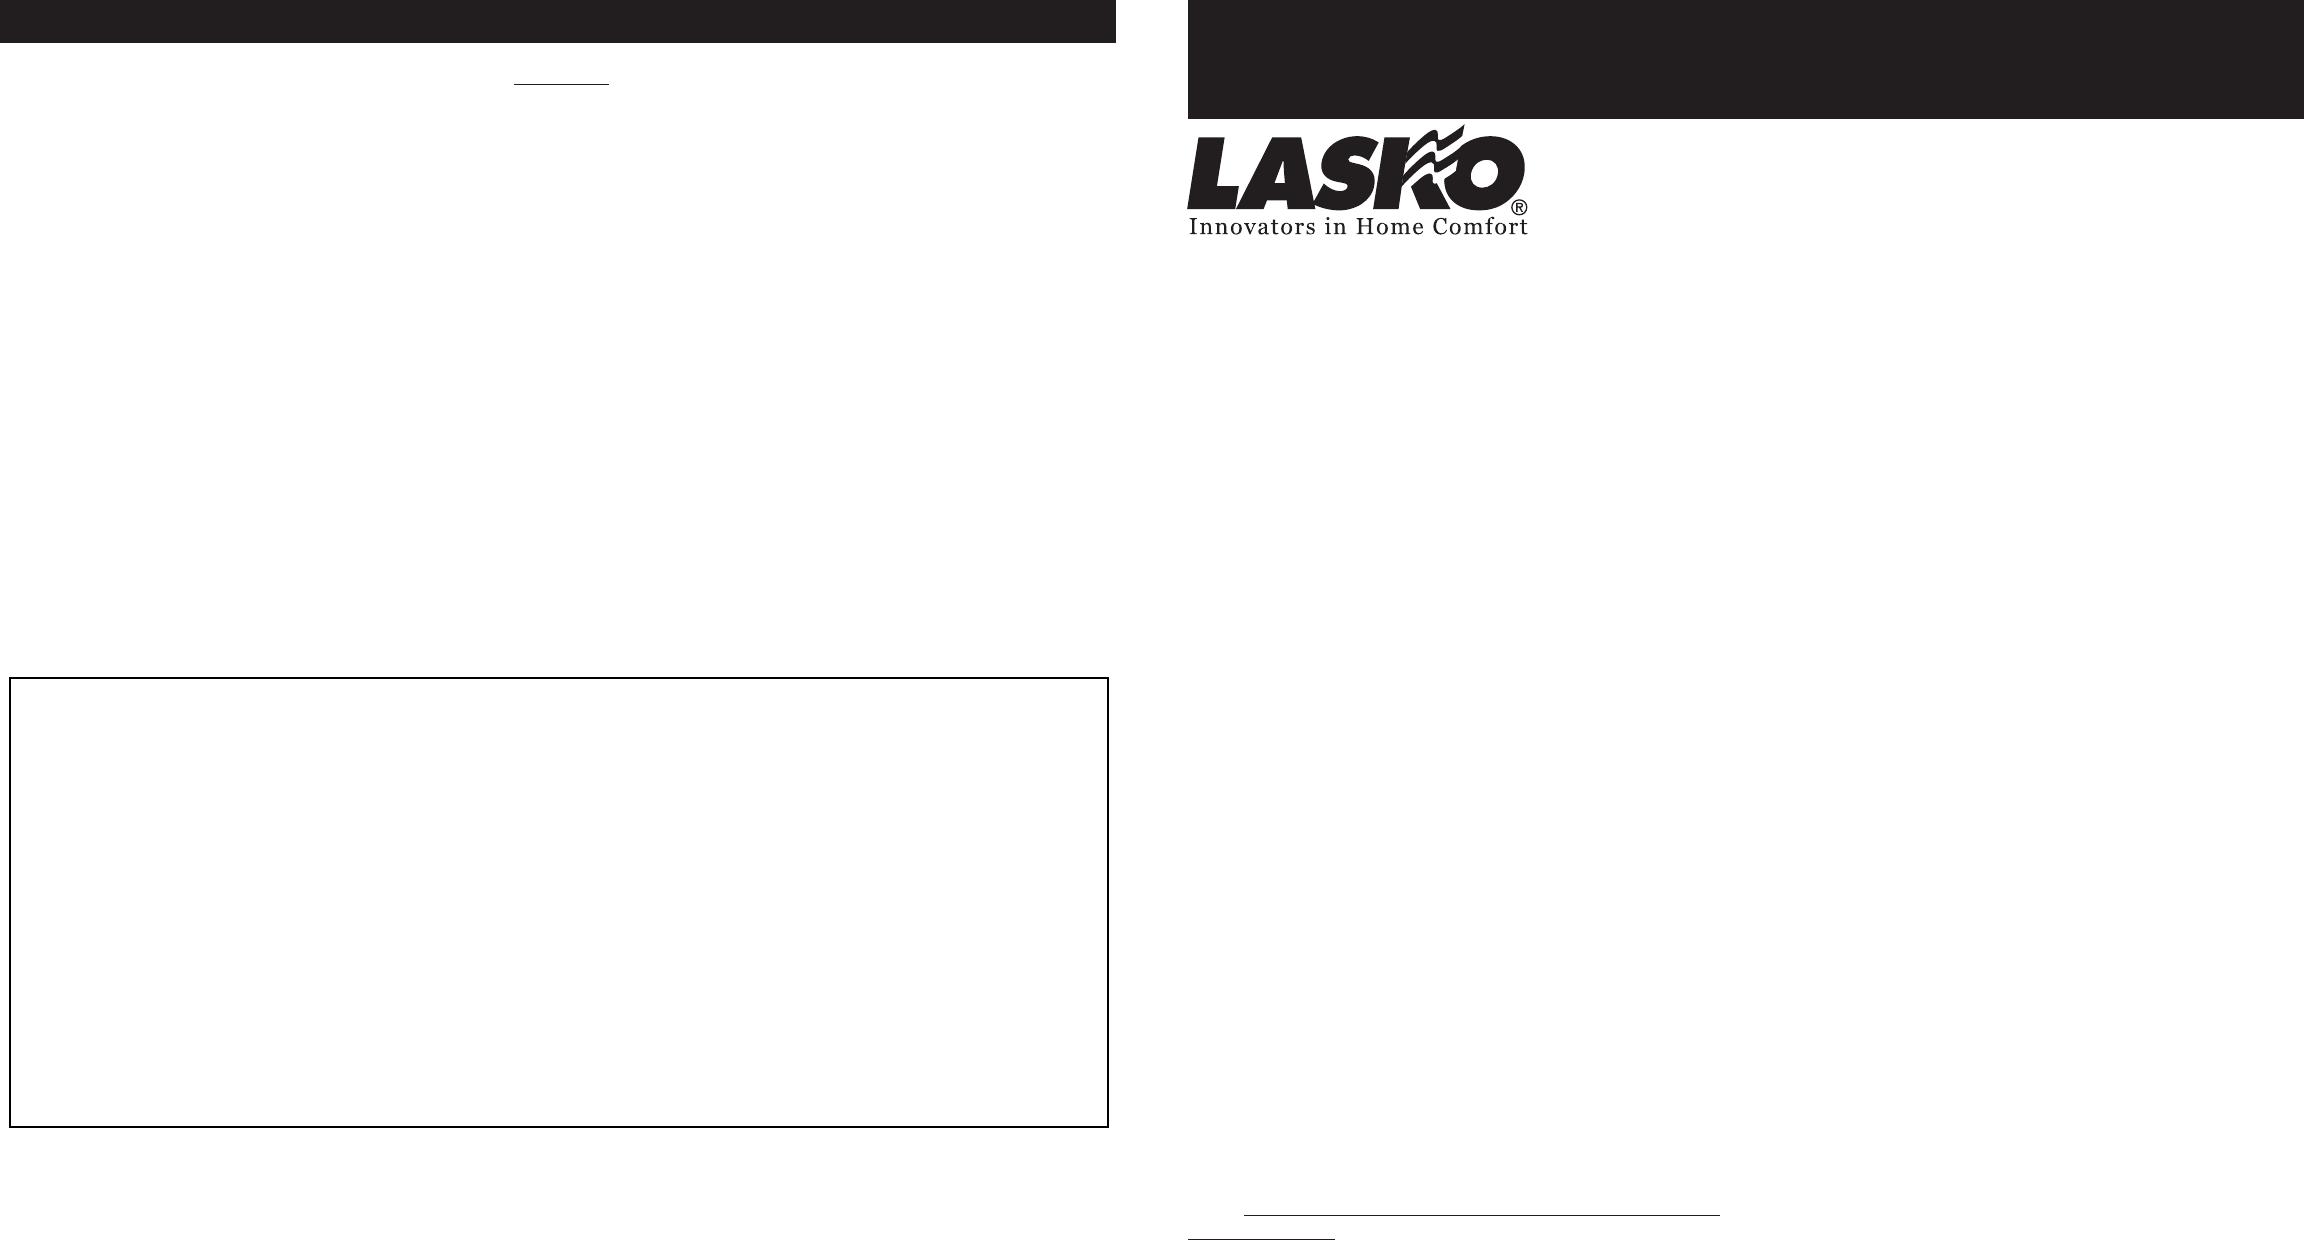 lasko fan user guide com rev a 11 04 1